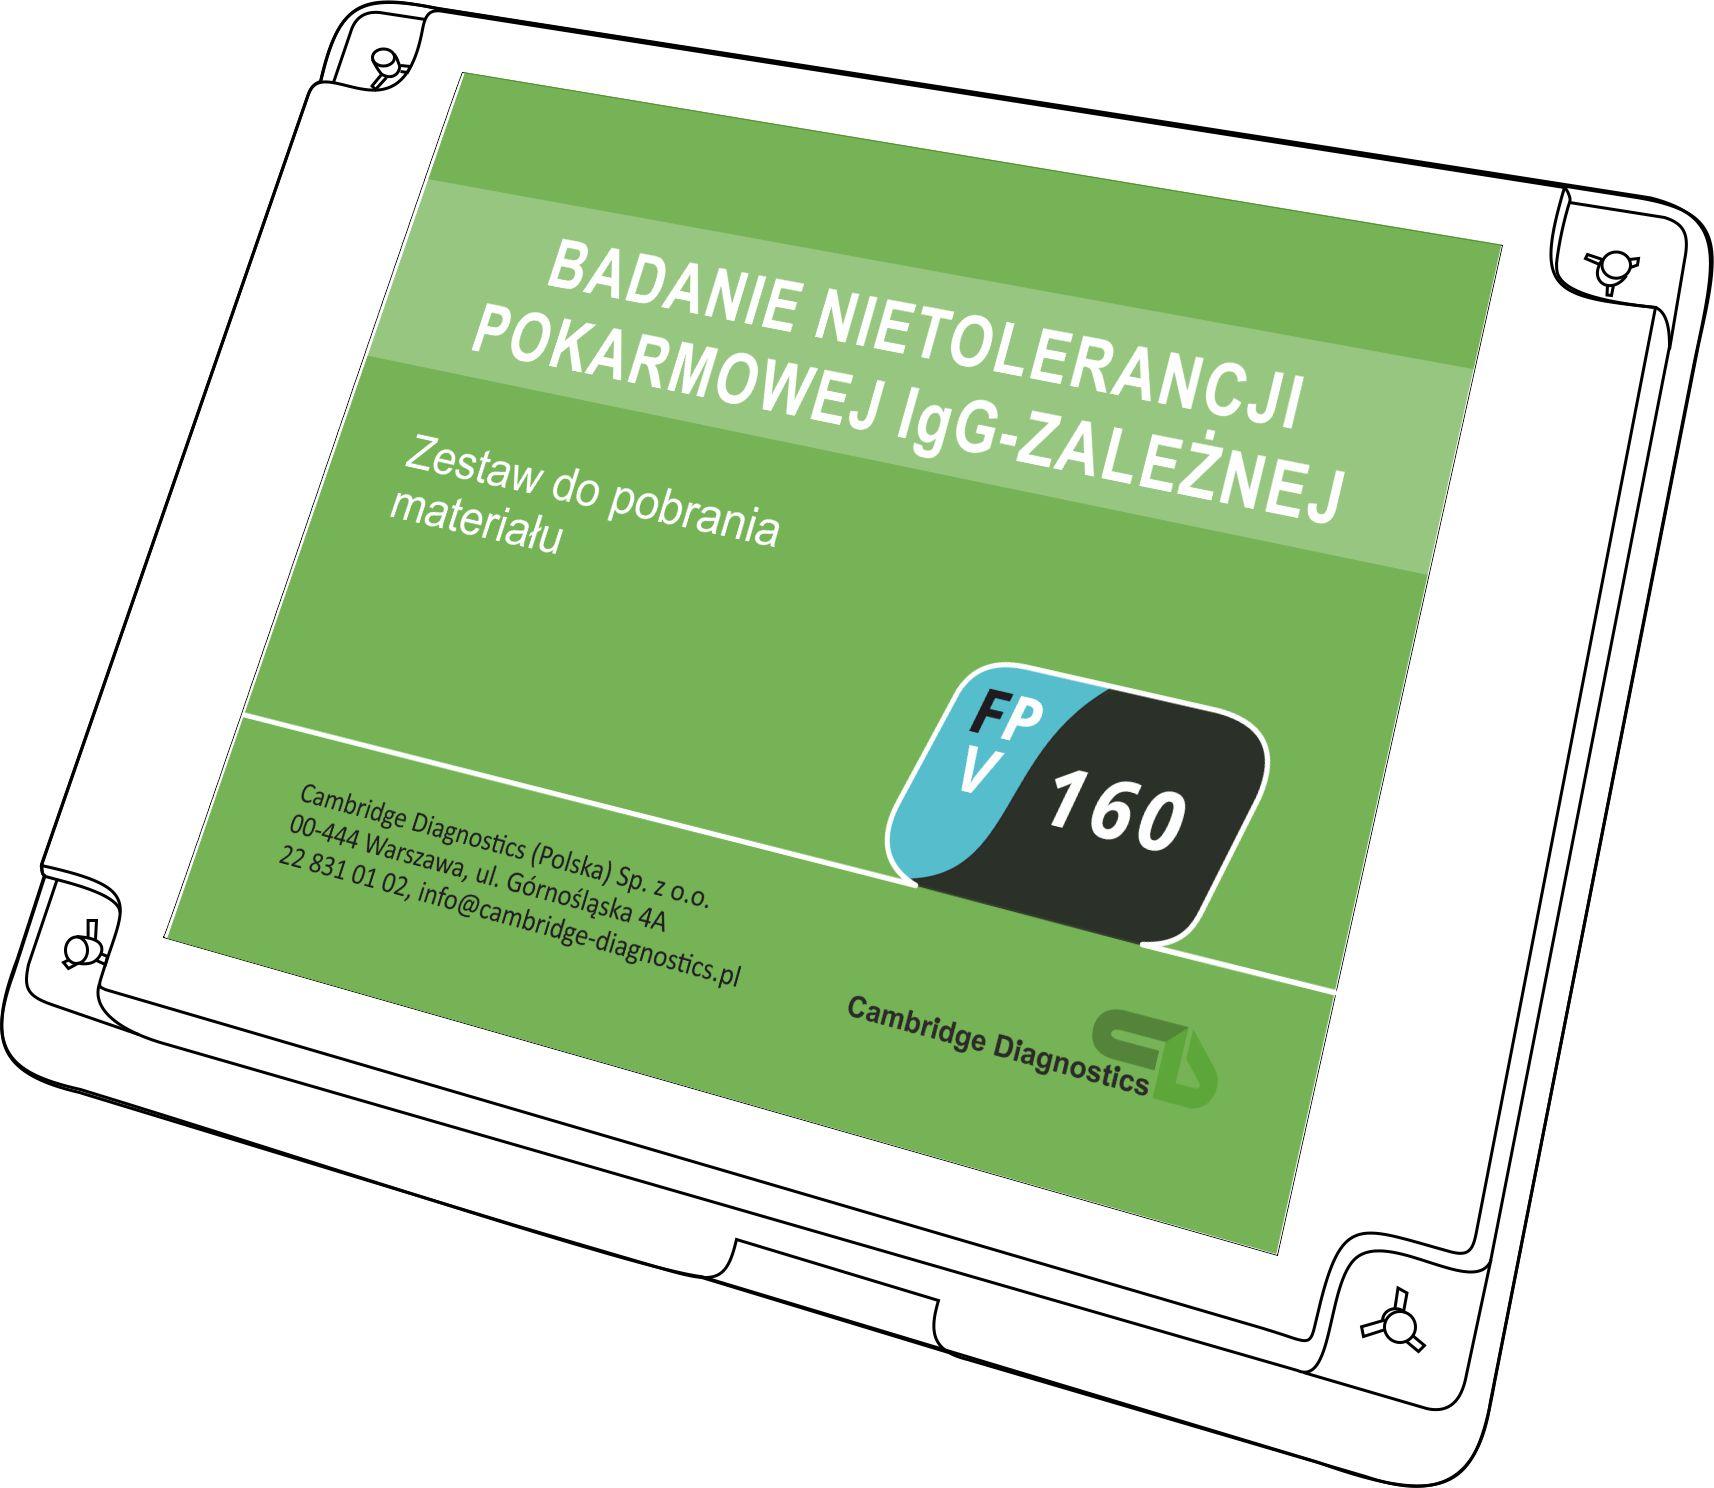 Test-nietolerancja-pokarmowa-FoodPrint-160-produktow